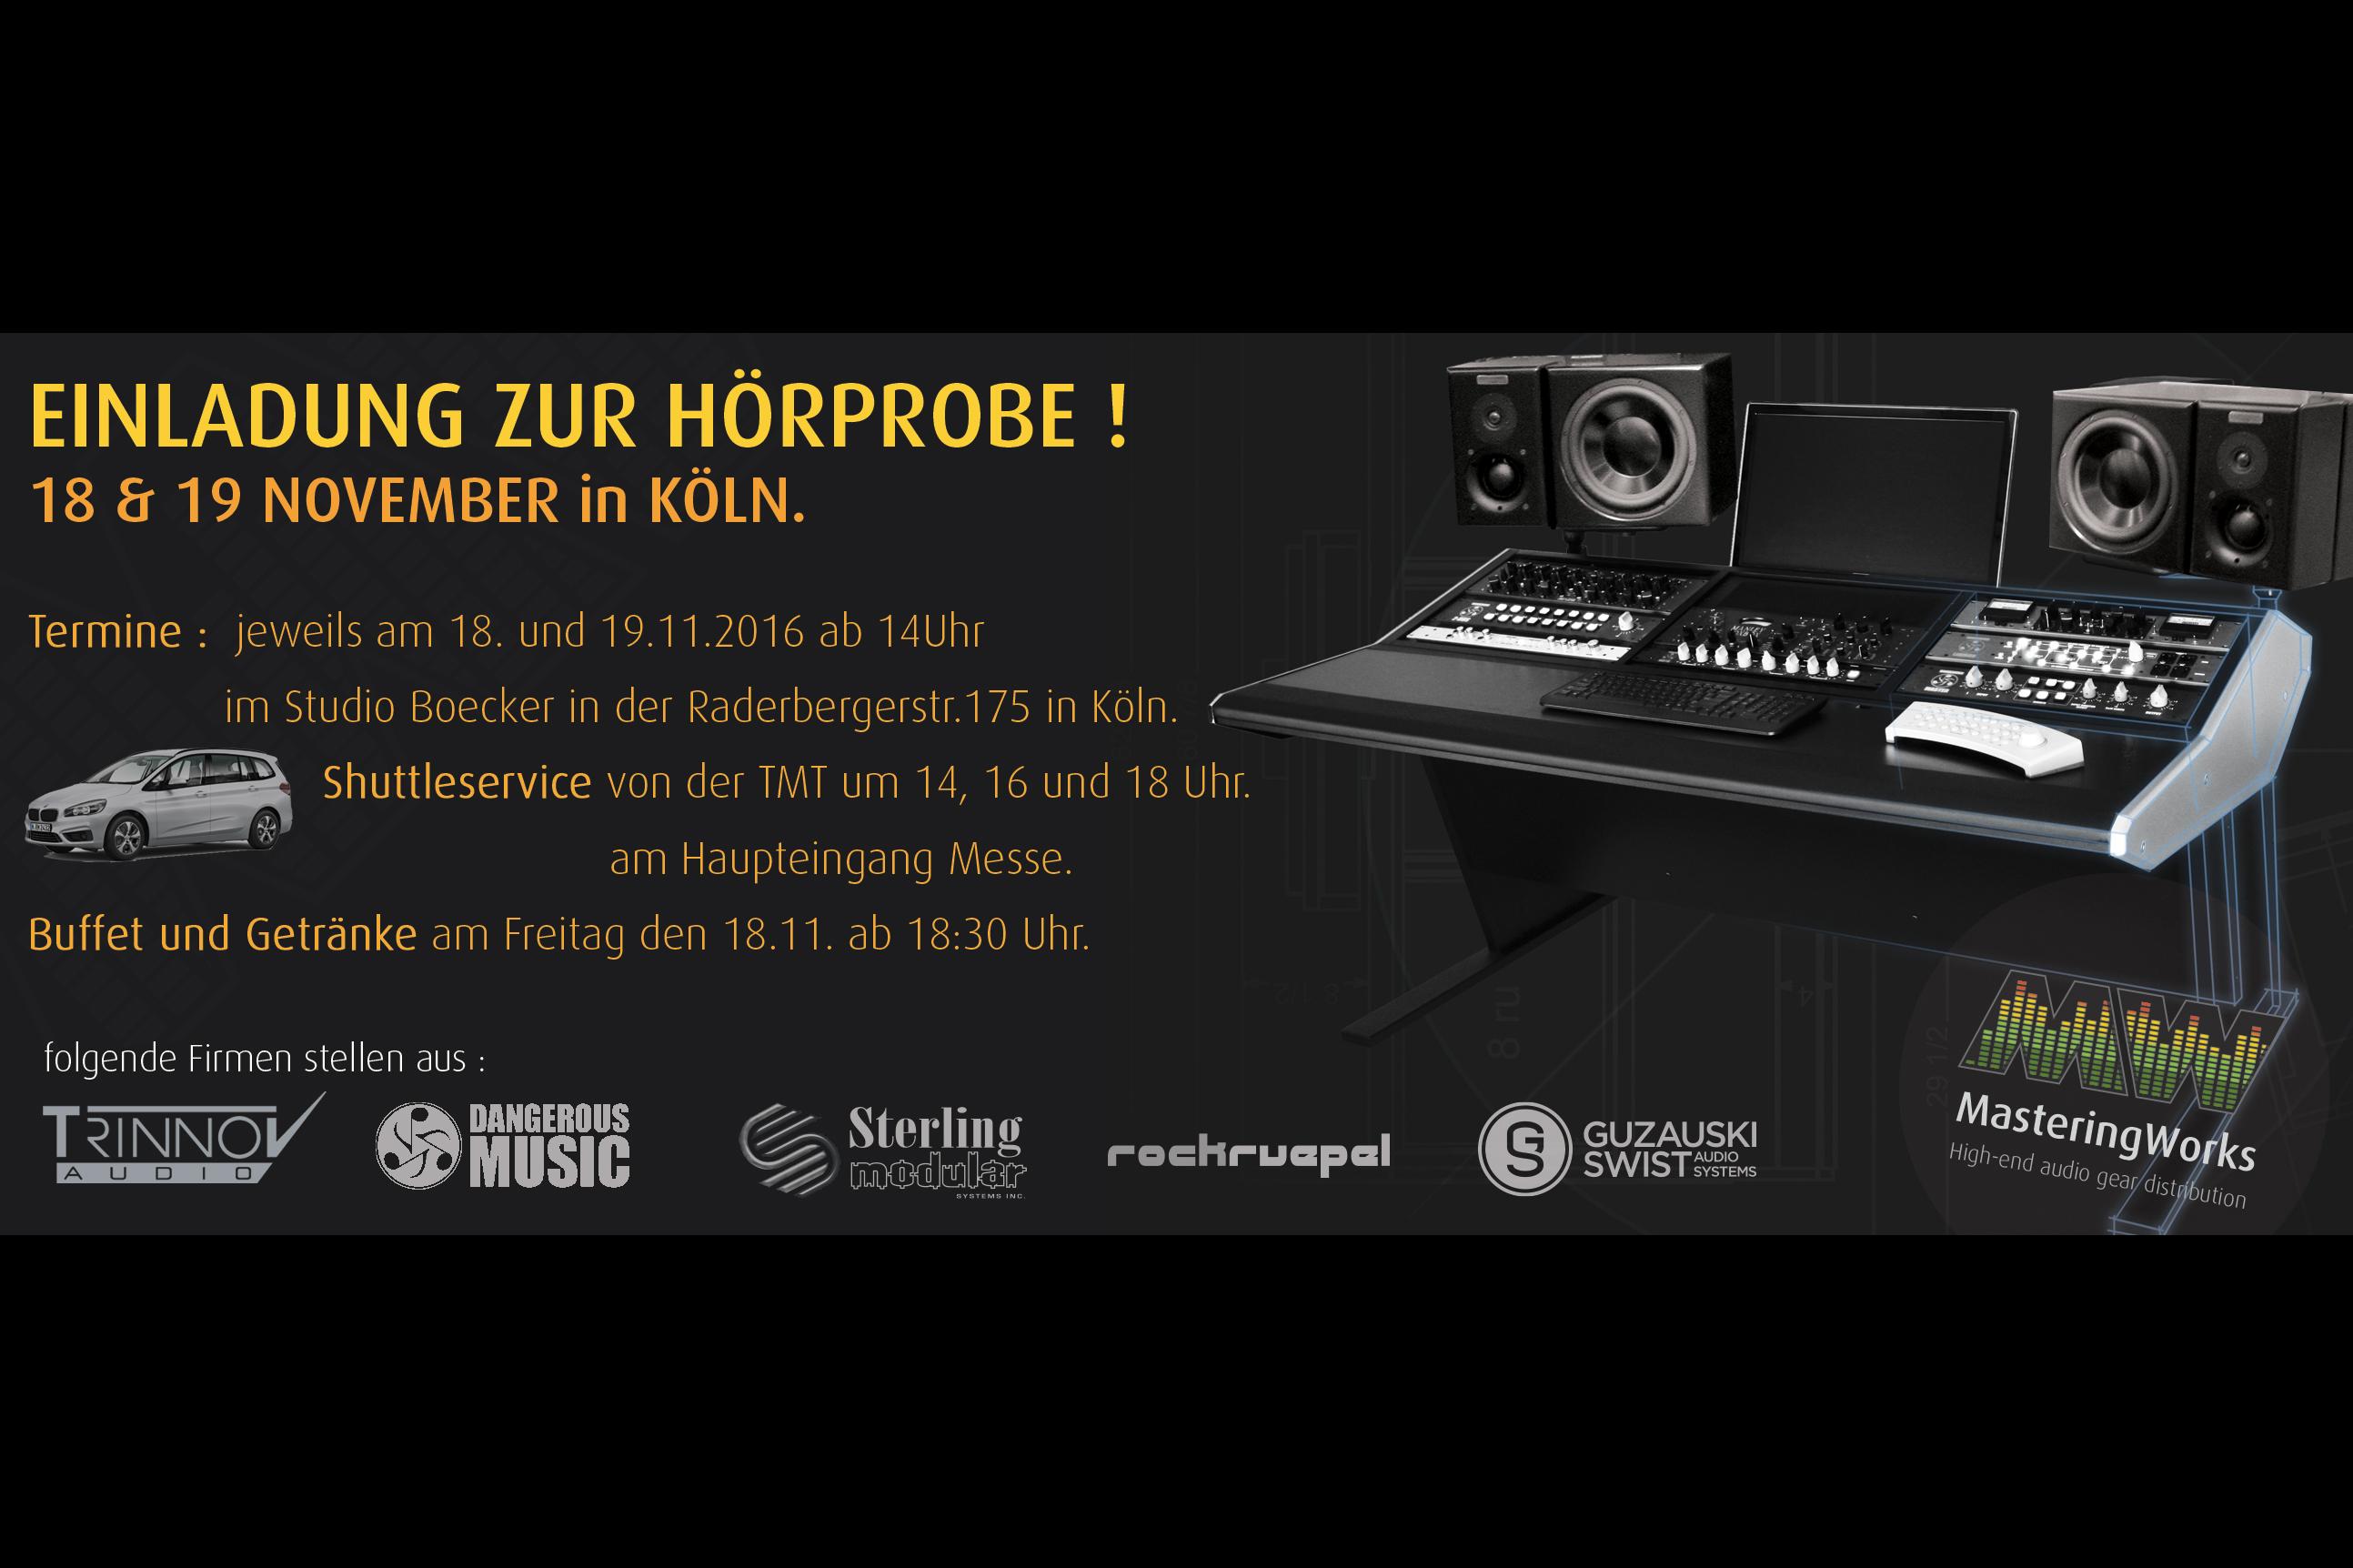 News: Hör-Event im Rahmen der TMT